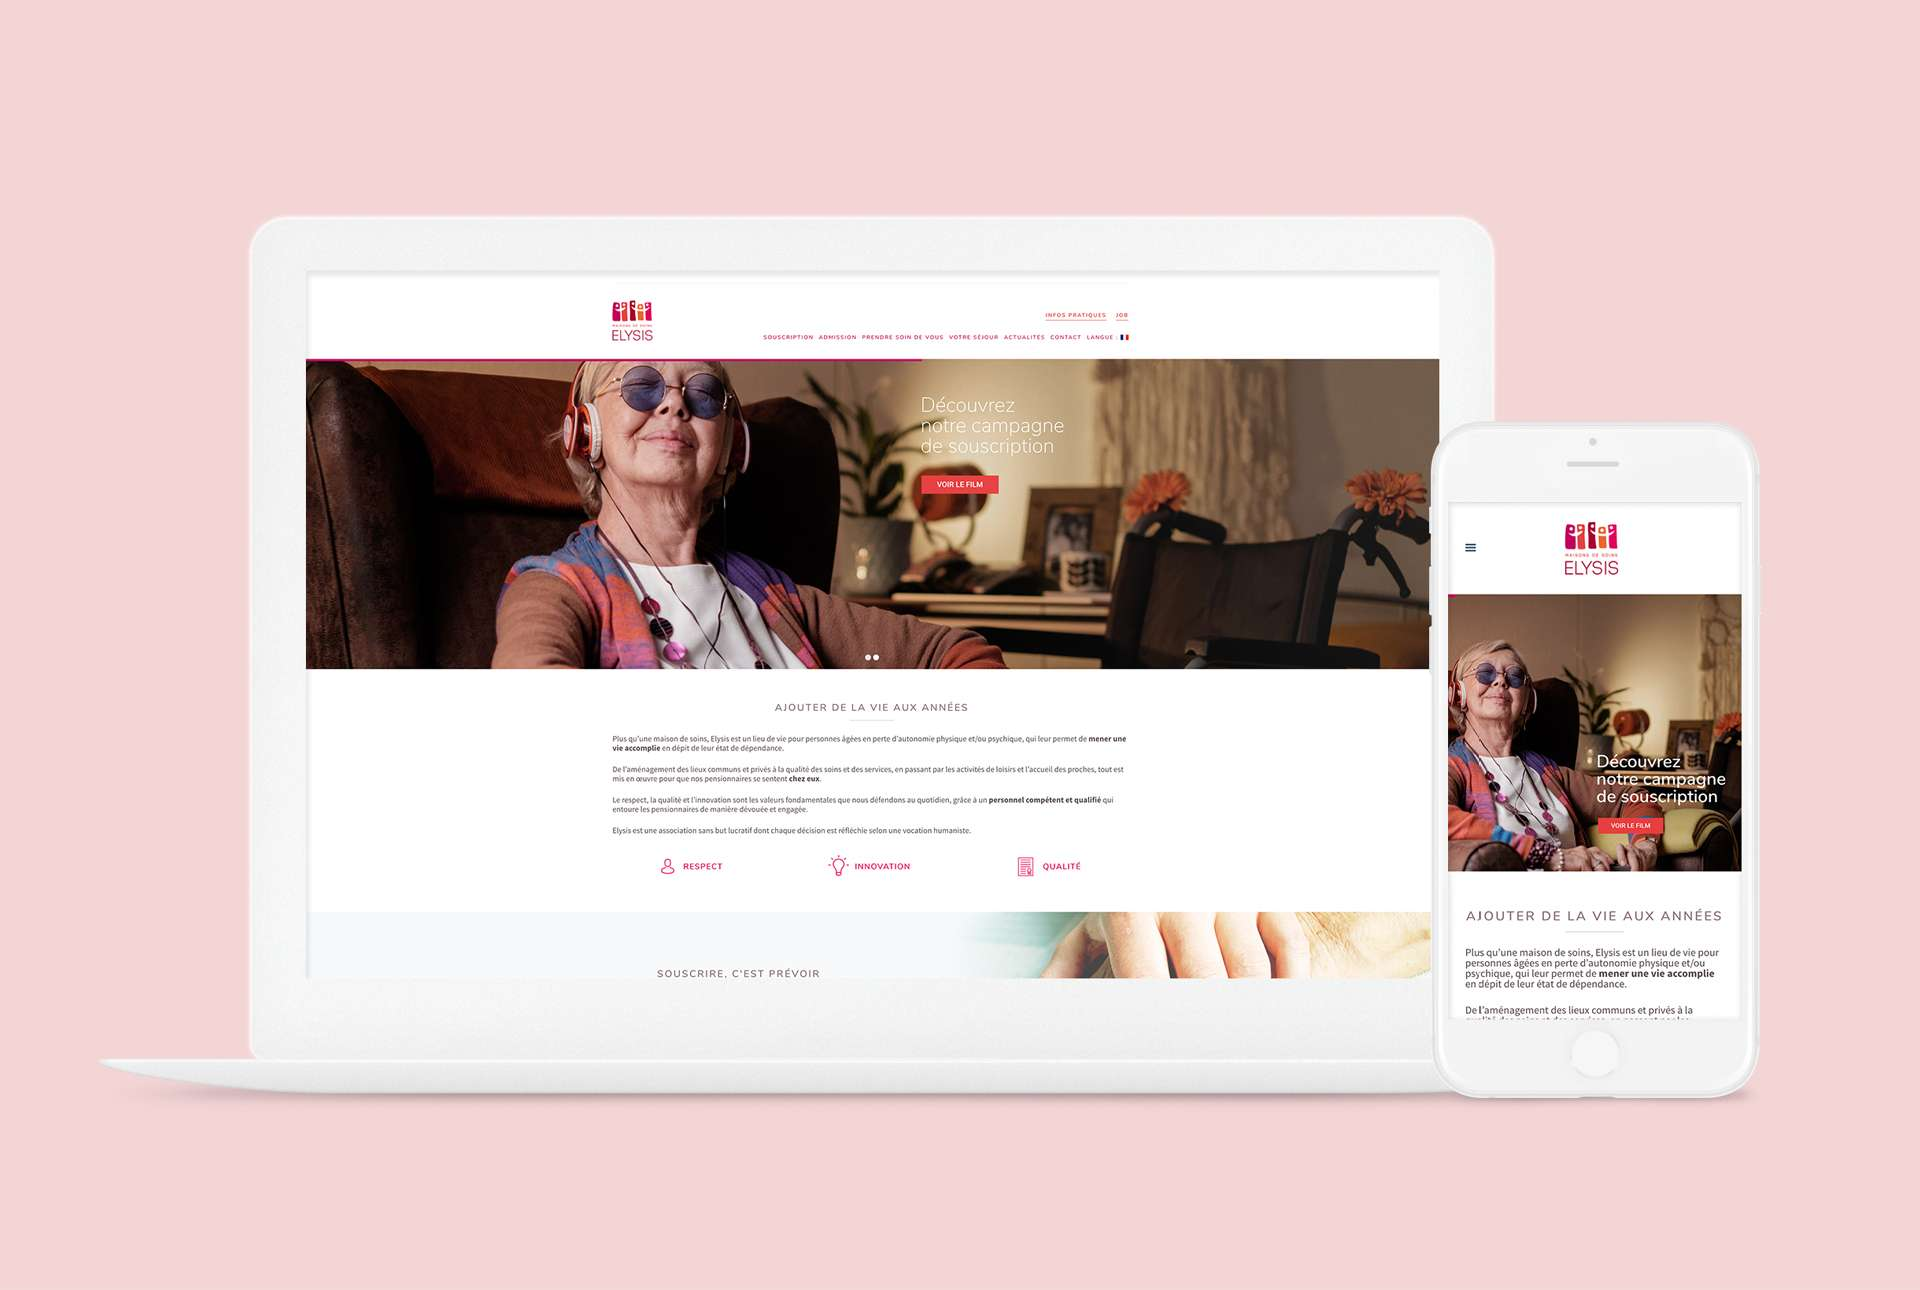 Mise à jour du site internet d'Elysis avec les visuels réalisés pour la campagne de souscription d'Elysis